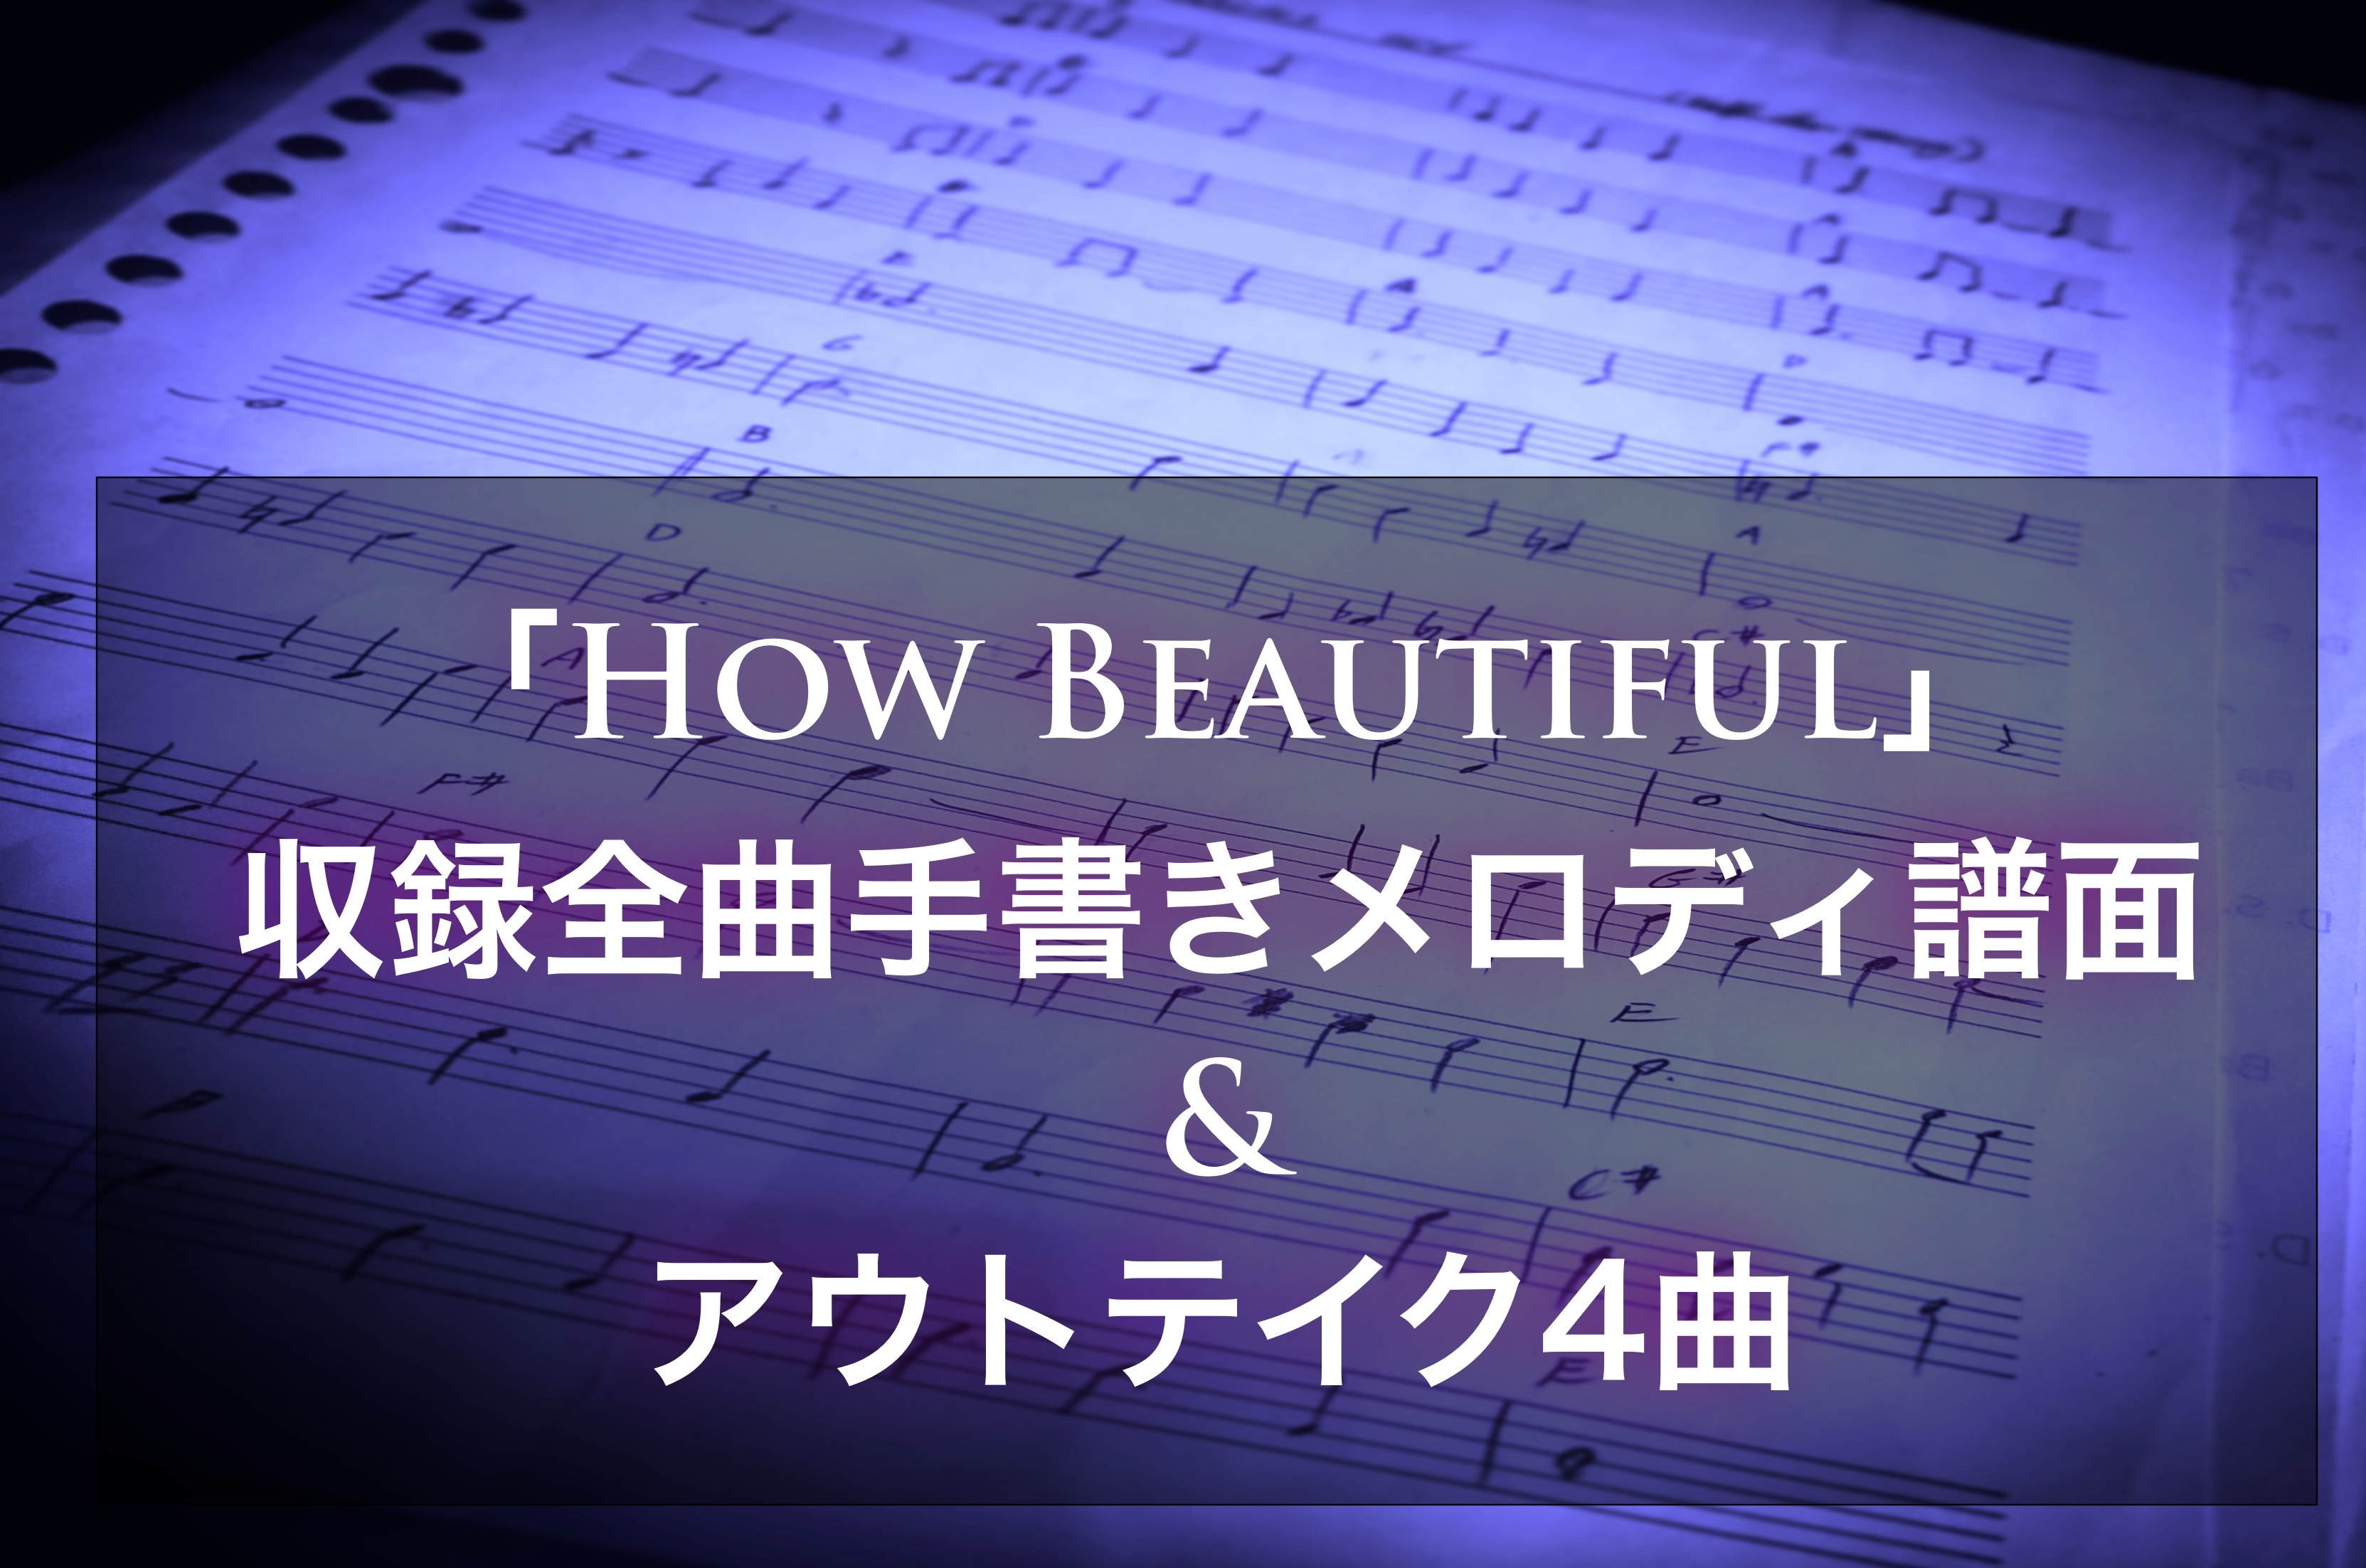 譜面&未収録音源プレゼント・アルバムをもっと堪能プラン